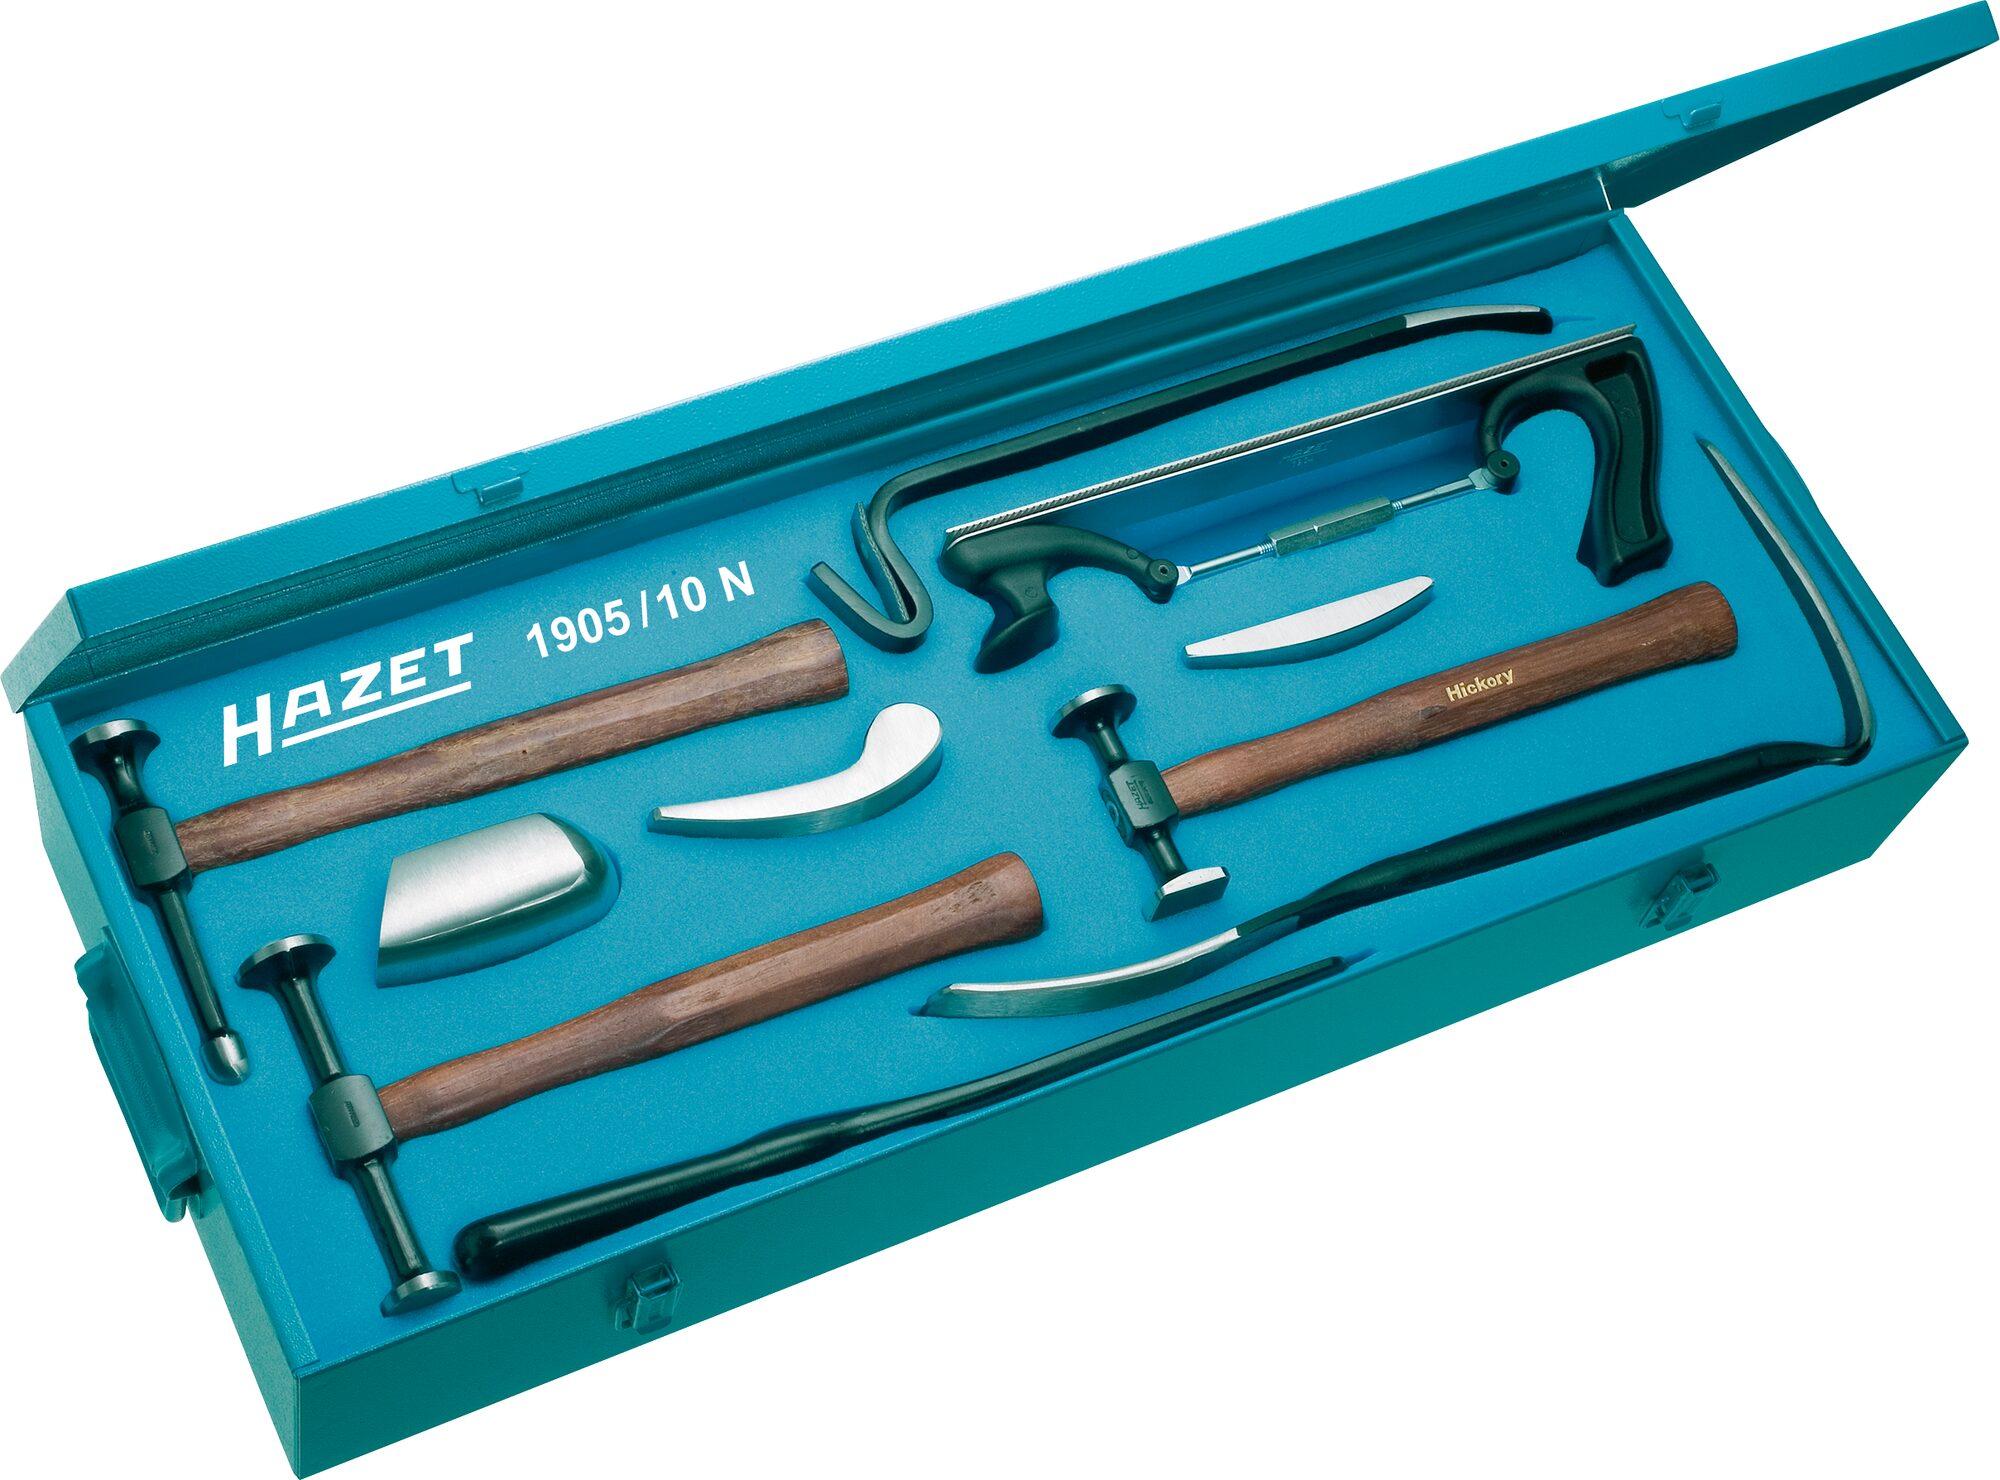 HAZET Ausbeulwerkzeug Satz 1905/10N ∙ Anzahl Werkzeuge: 10